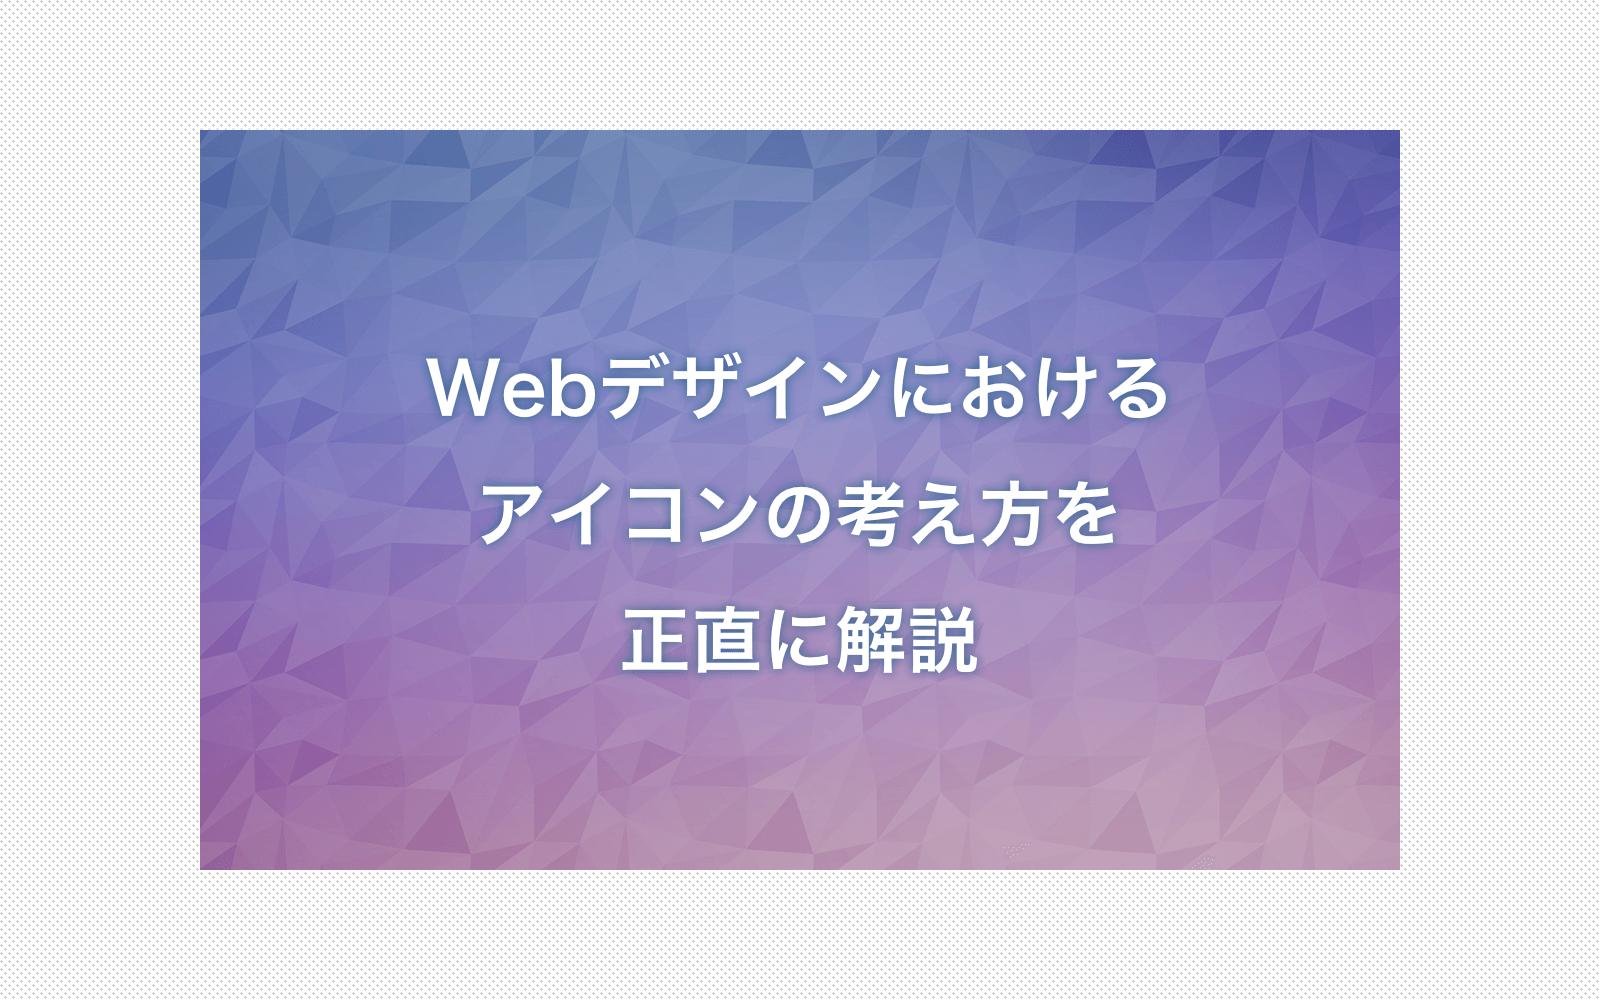 Webデザインにおけるアイコンの考え方を正直に解説